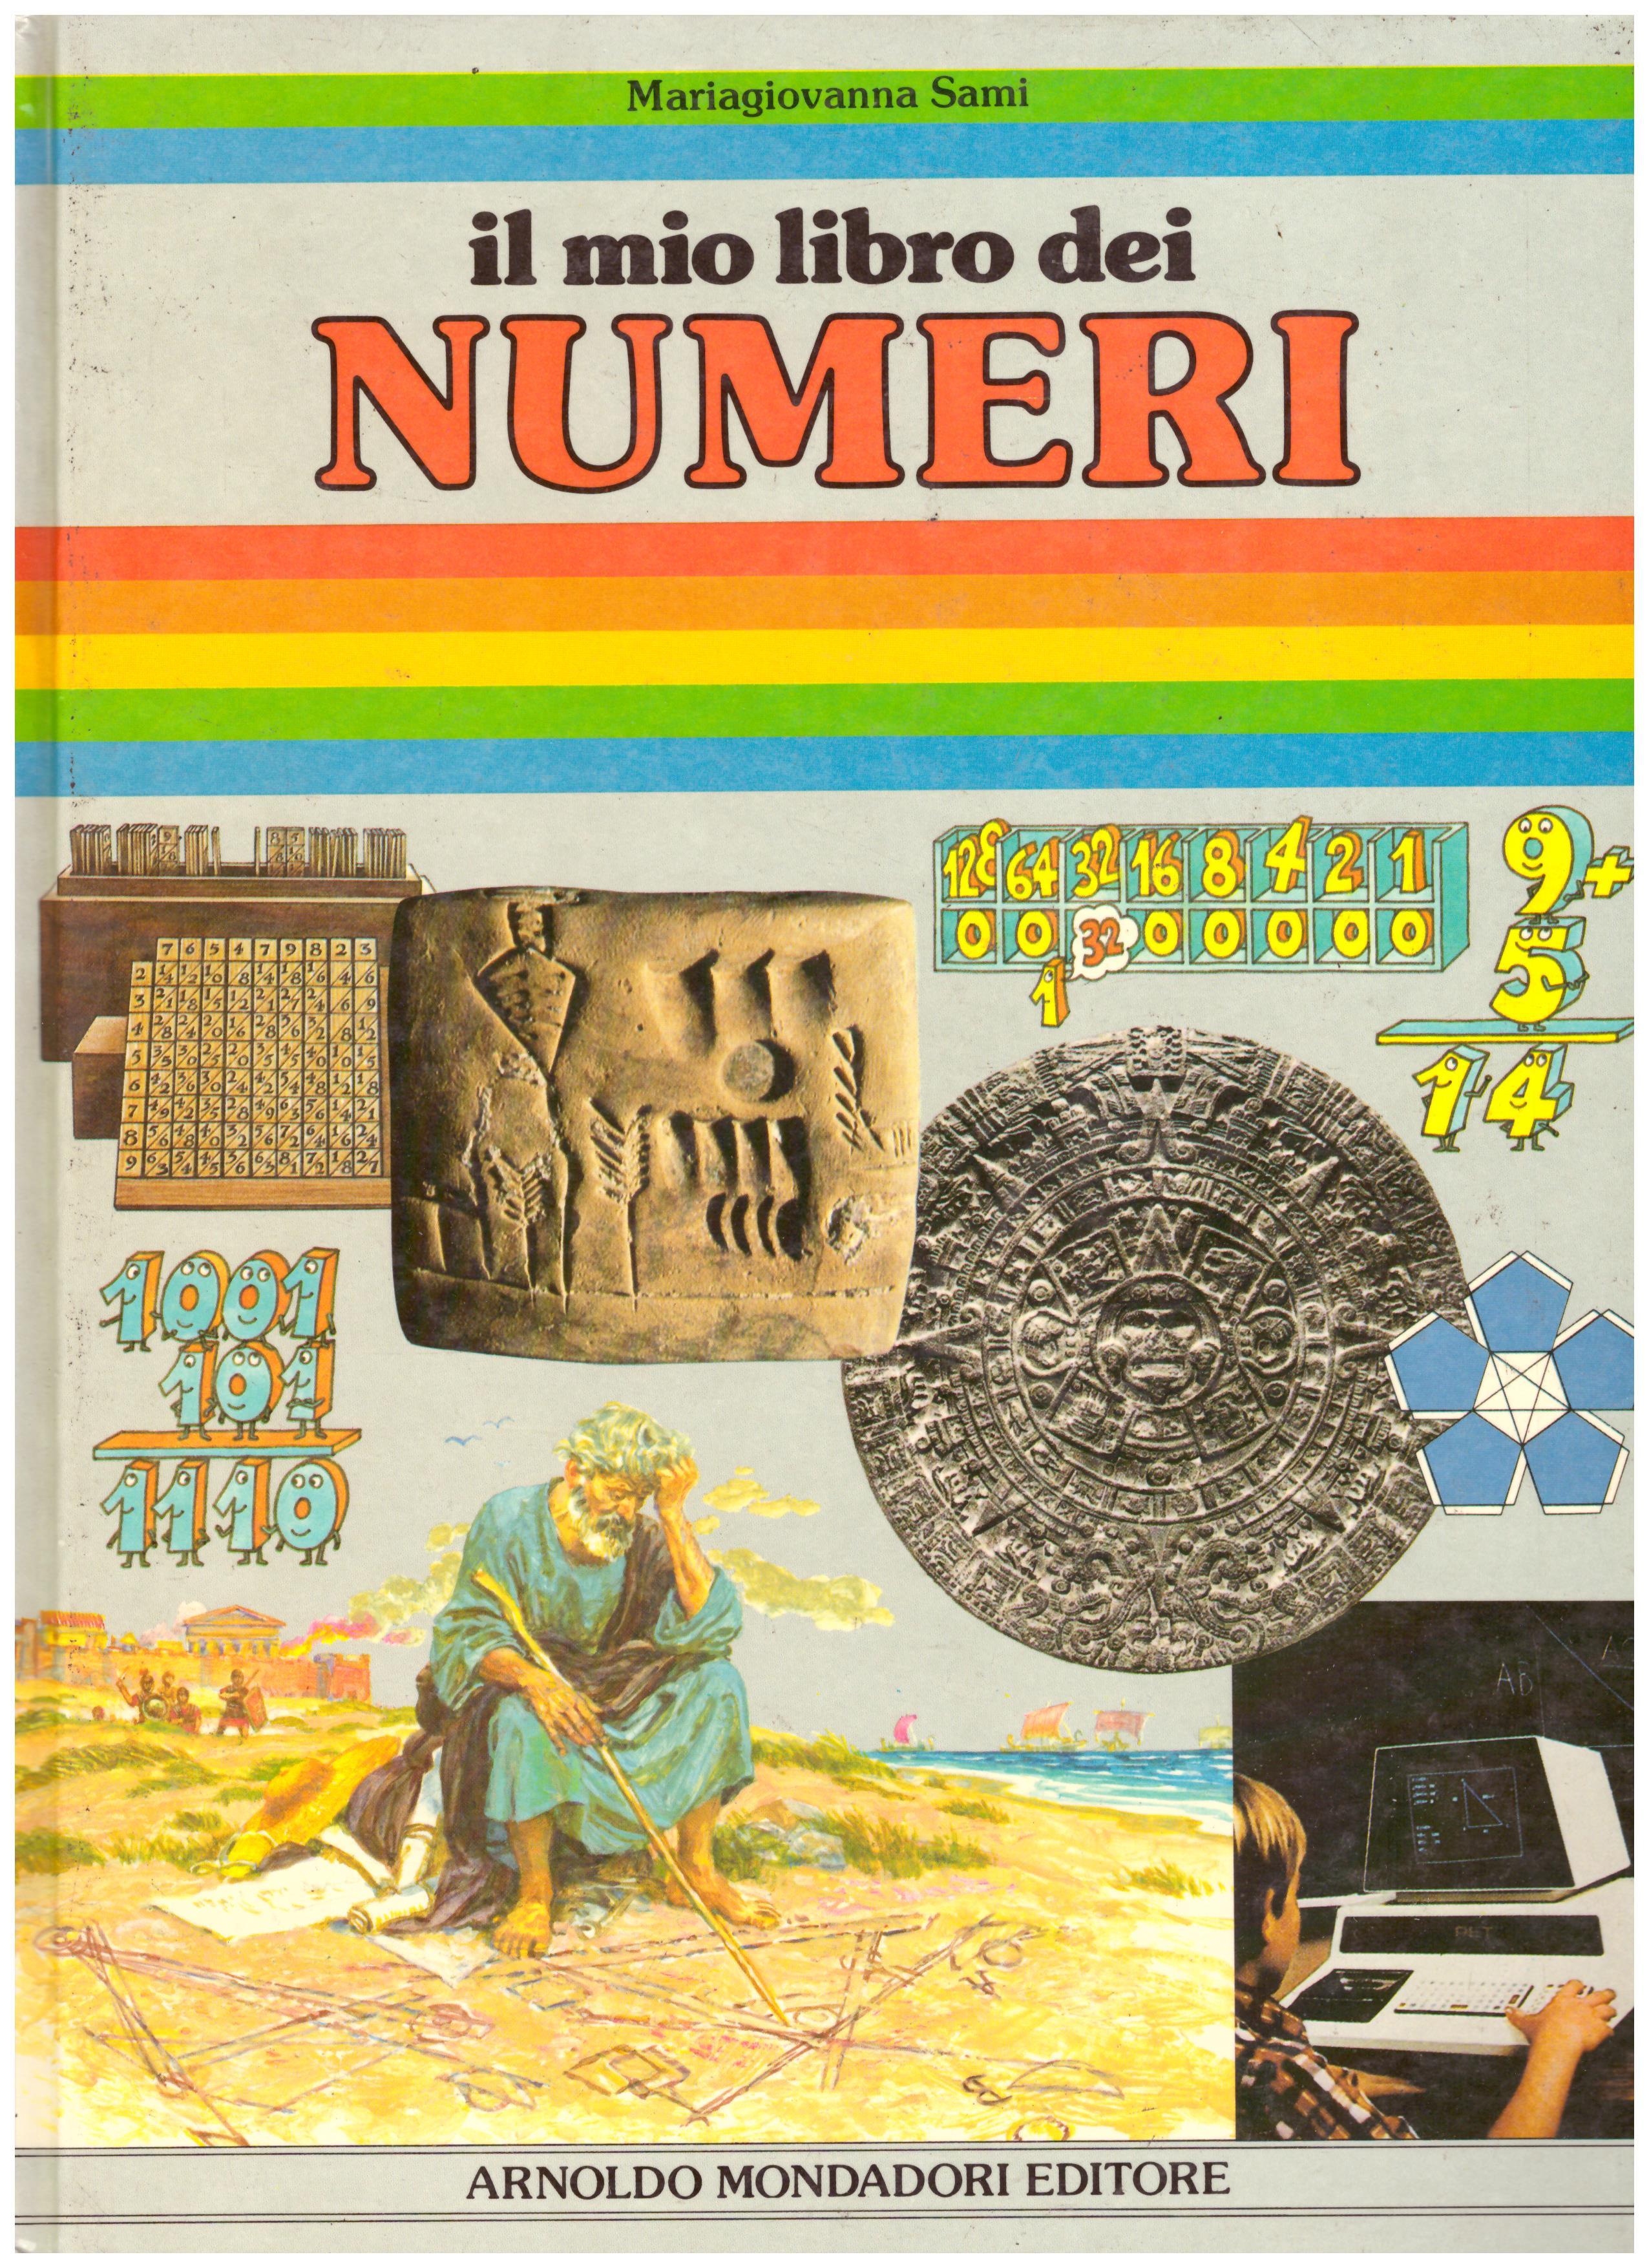 Titolo: il mio libro dei numeri     Autore: Mariagiovanna Sami    Editore: Arnoldo Mondadori Editore